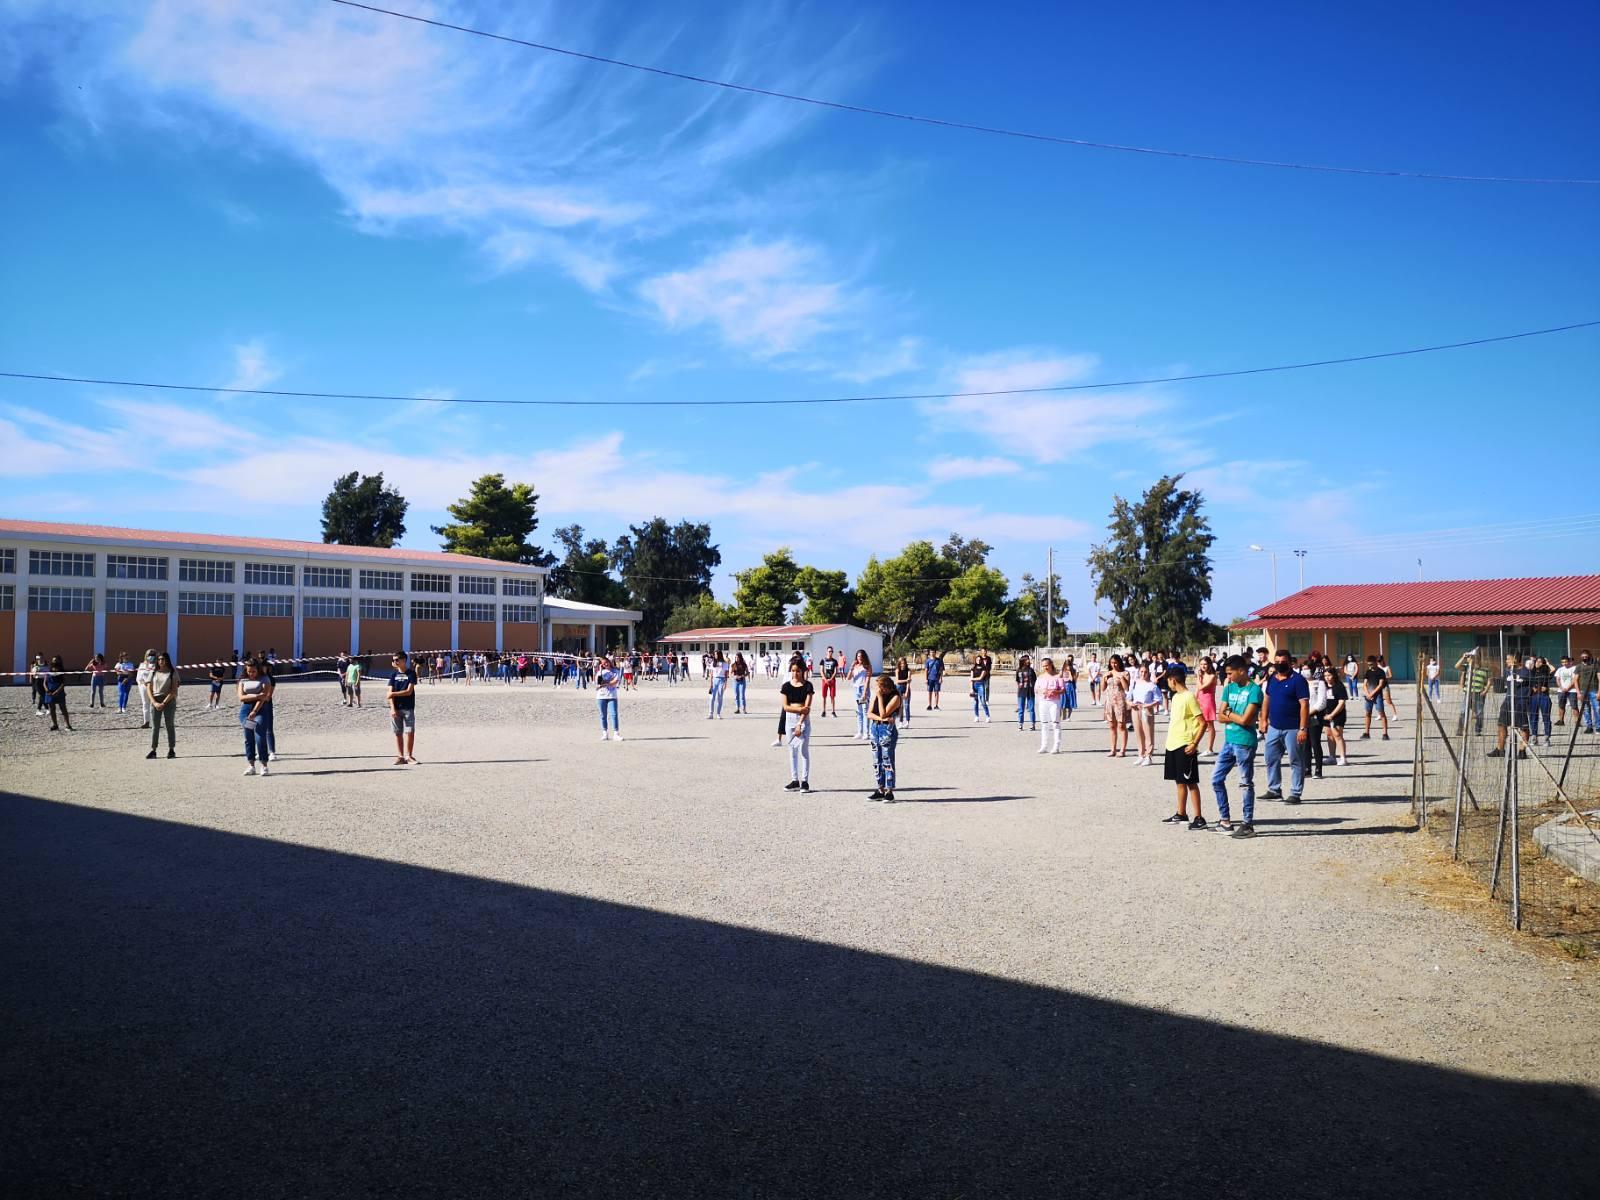 Κώστας Λύρος: Όλοι θα κληθούμε να συμβάλουμε στην επιτυχία της νέας σχολικής χρονιάς